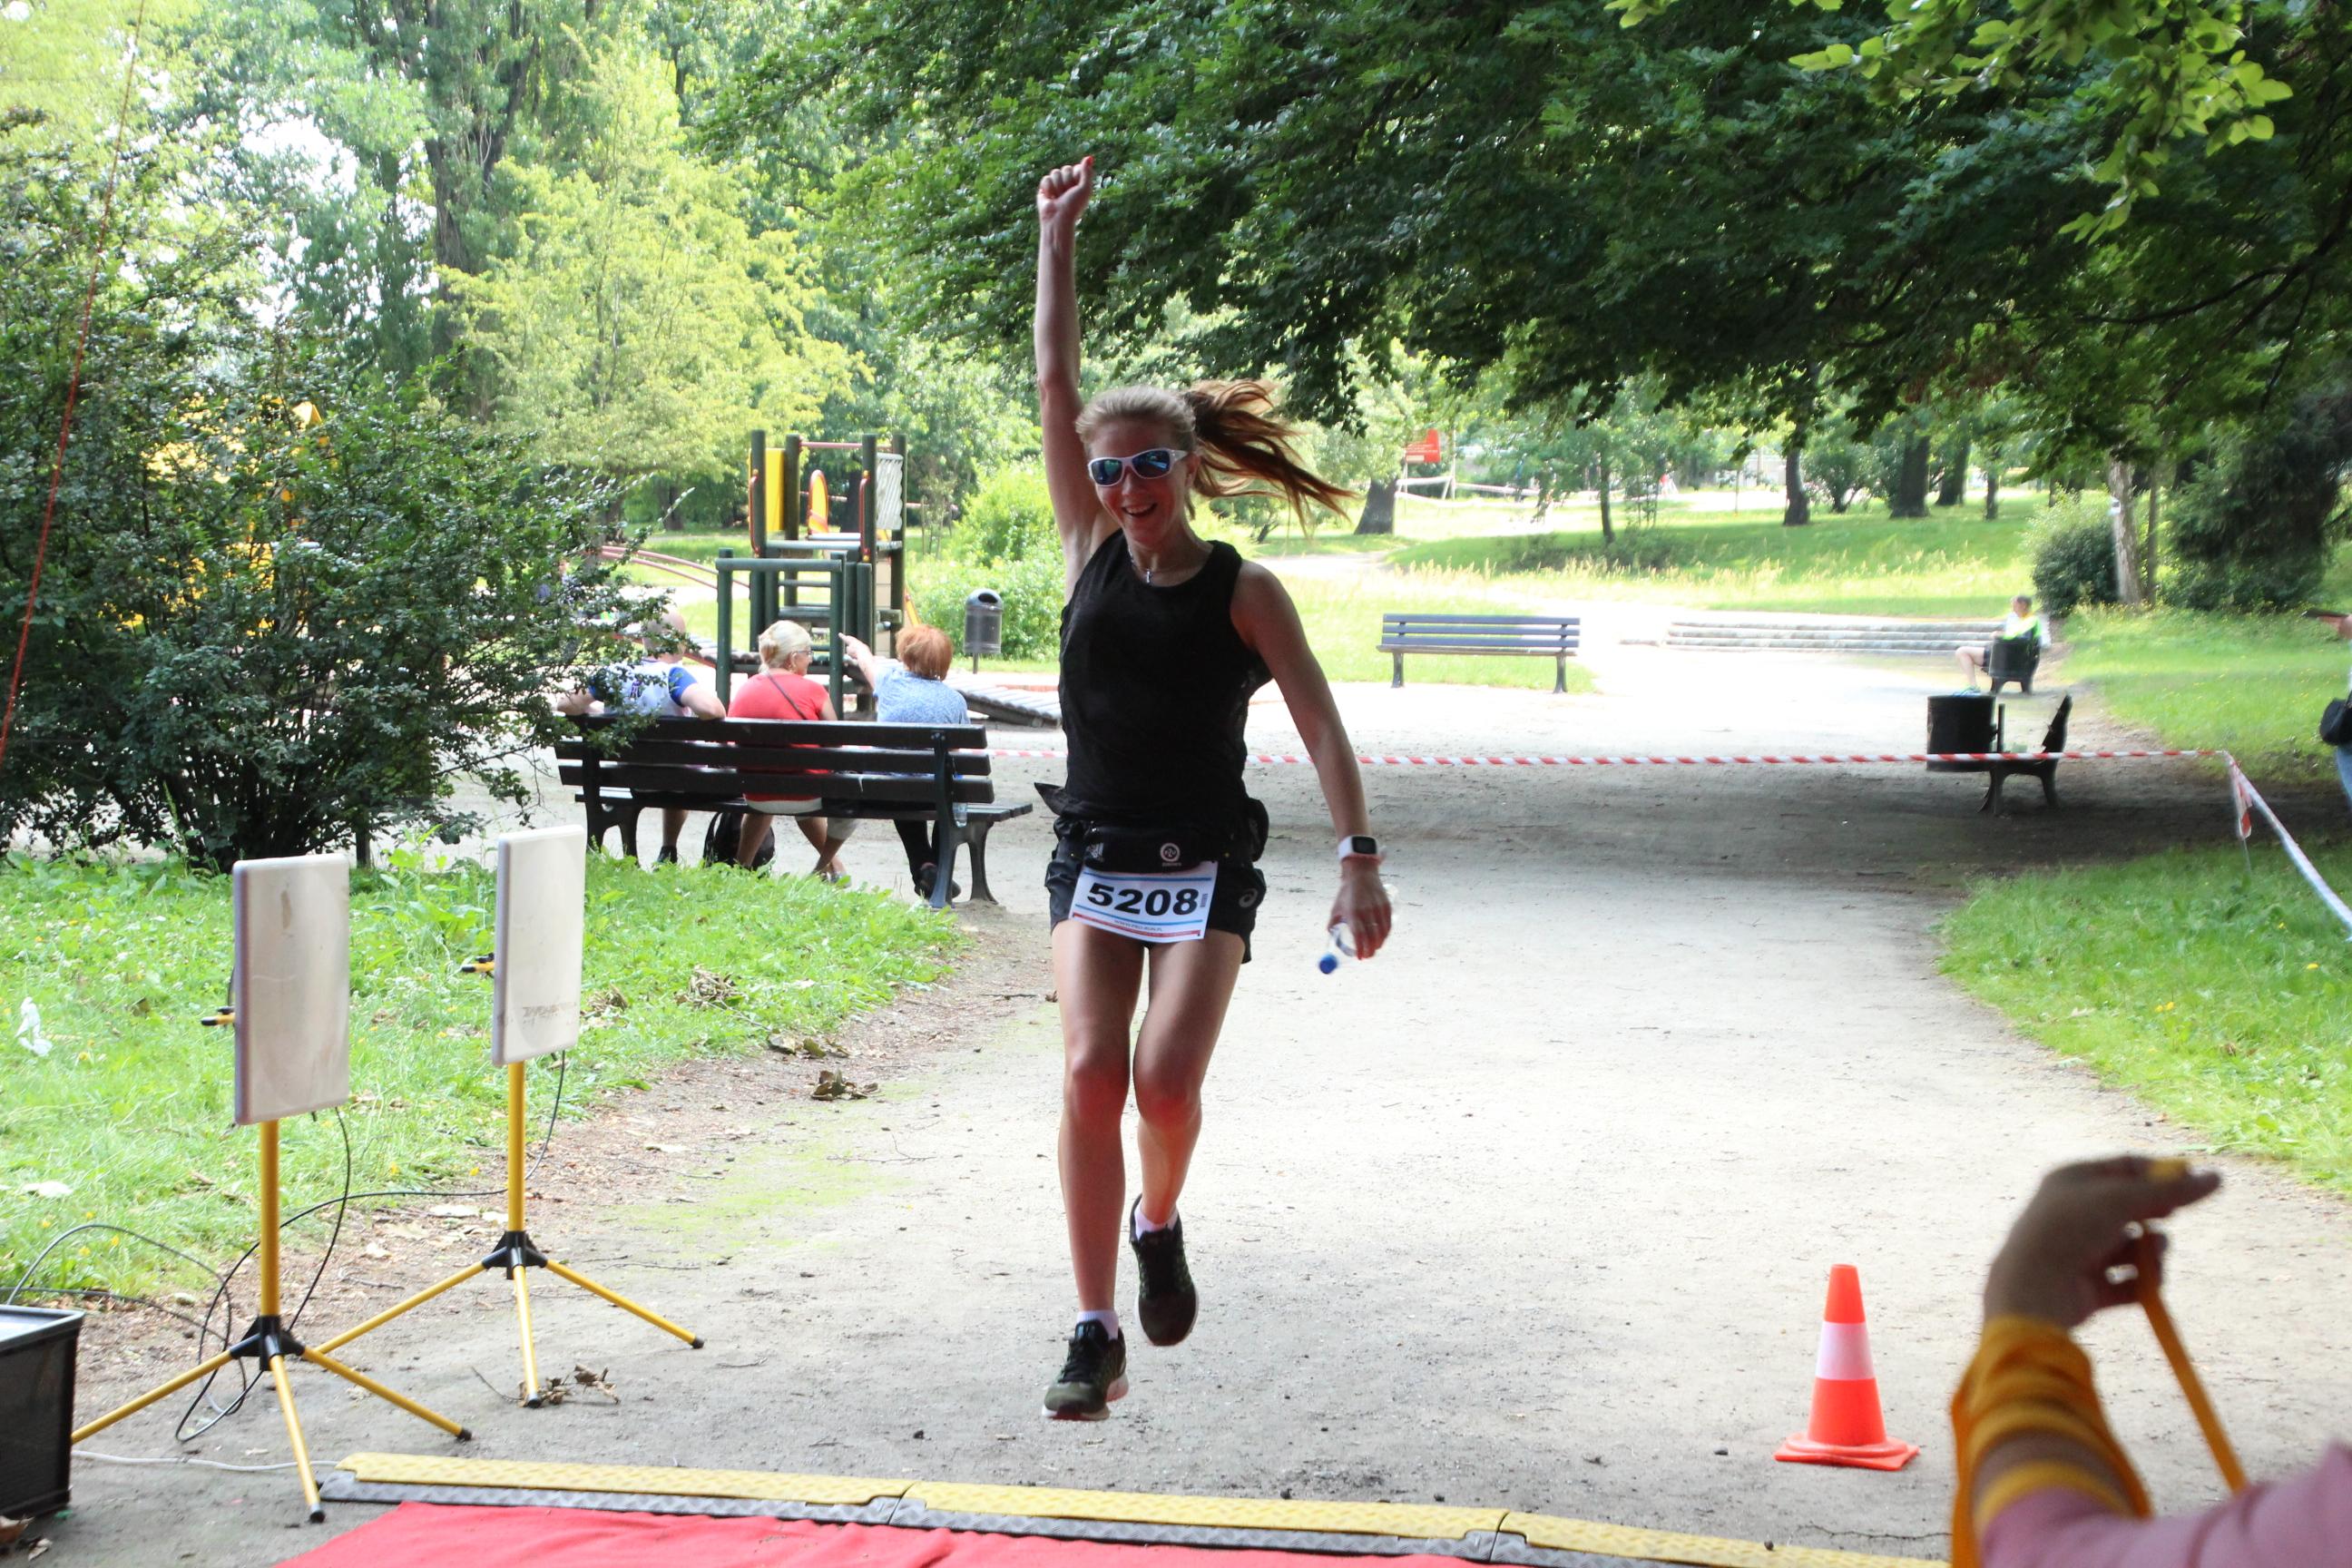 Wrocławska Trzydziestka – moja droga do maratonu?